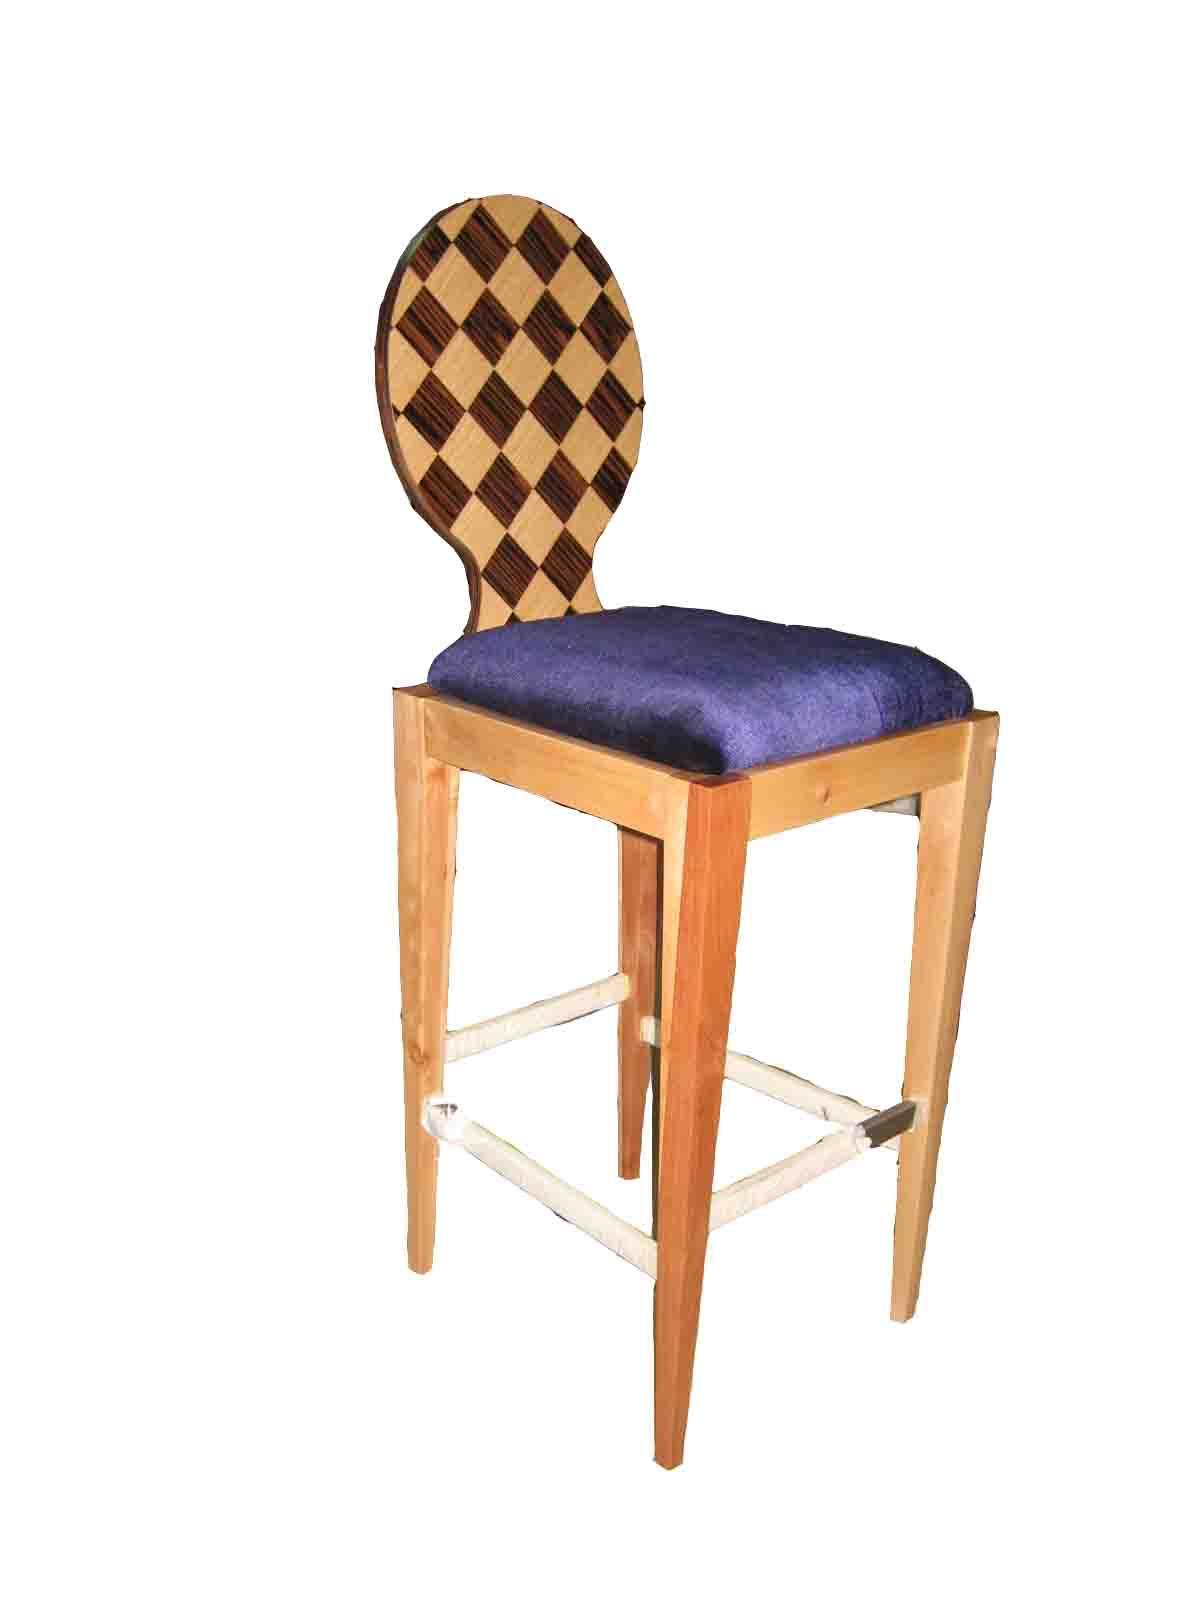 供应美式家具 实木椅 实木吧椅 酒吧椅dp2507